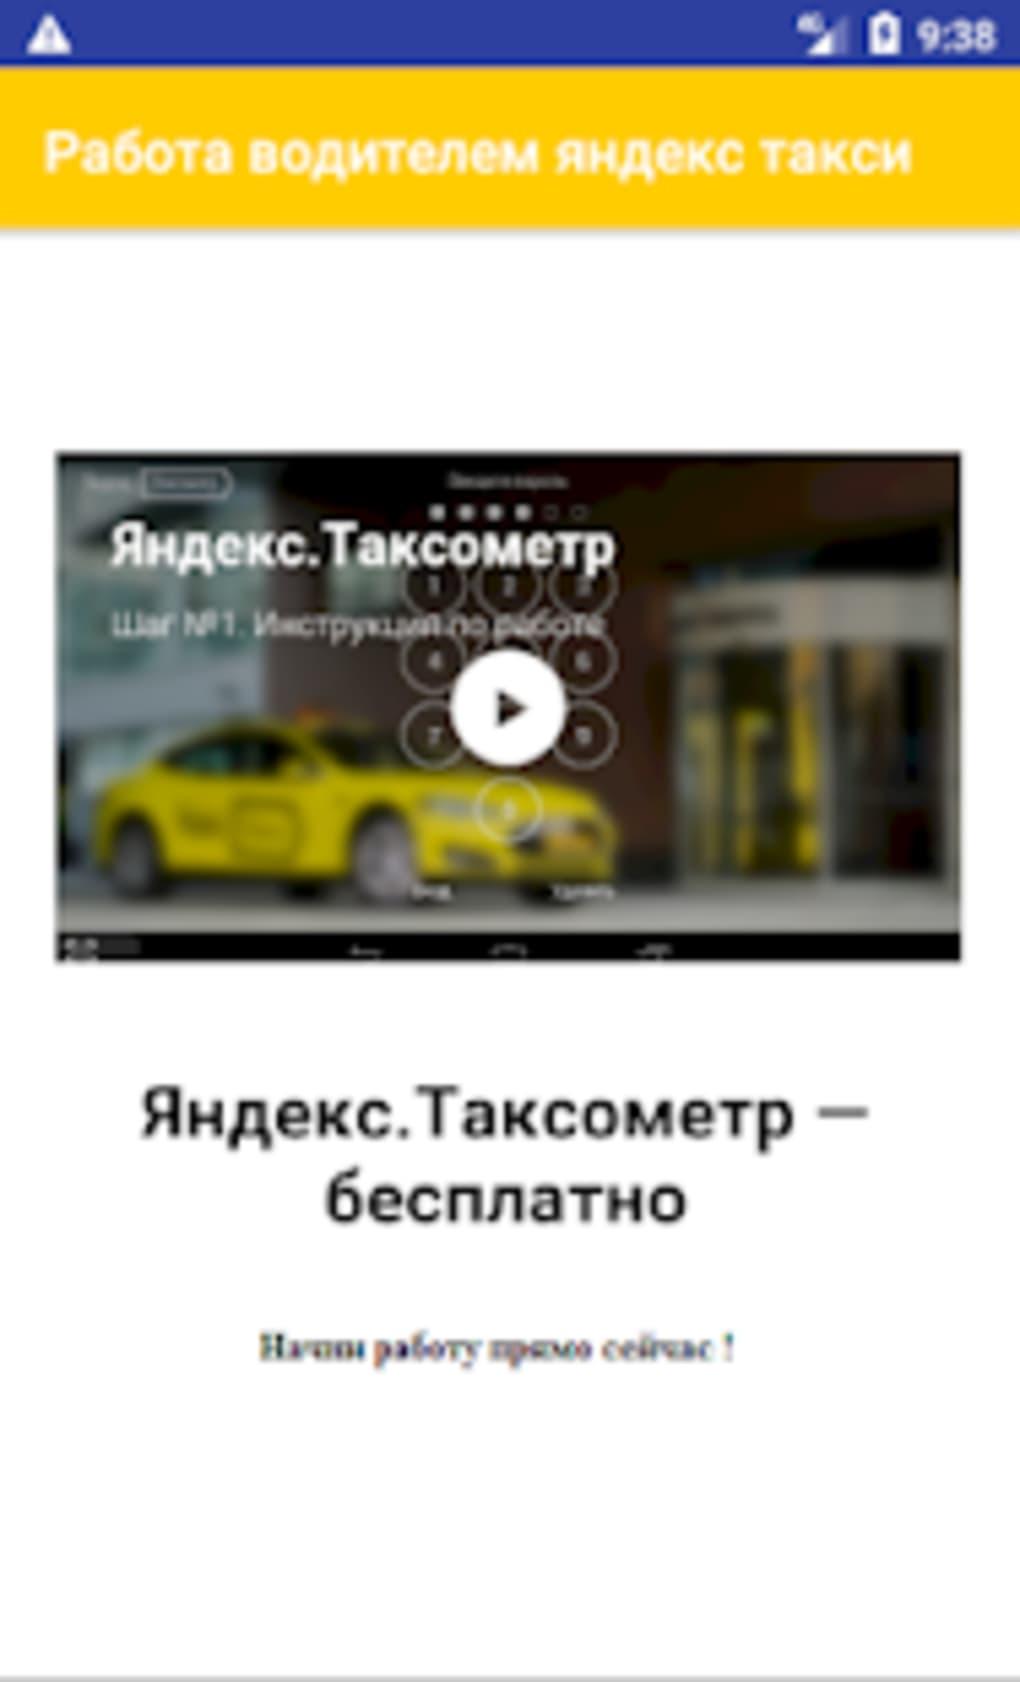 Скачать приложение яндекс работа бесплатно скачать бесплатно программу taxseedriver